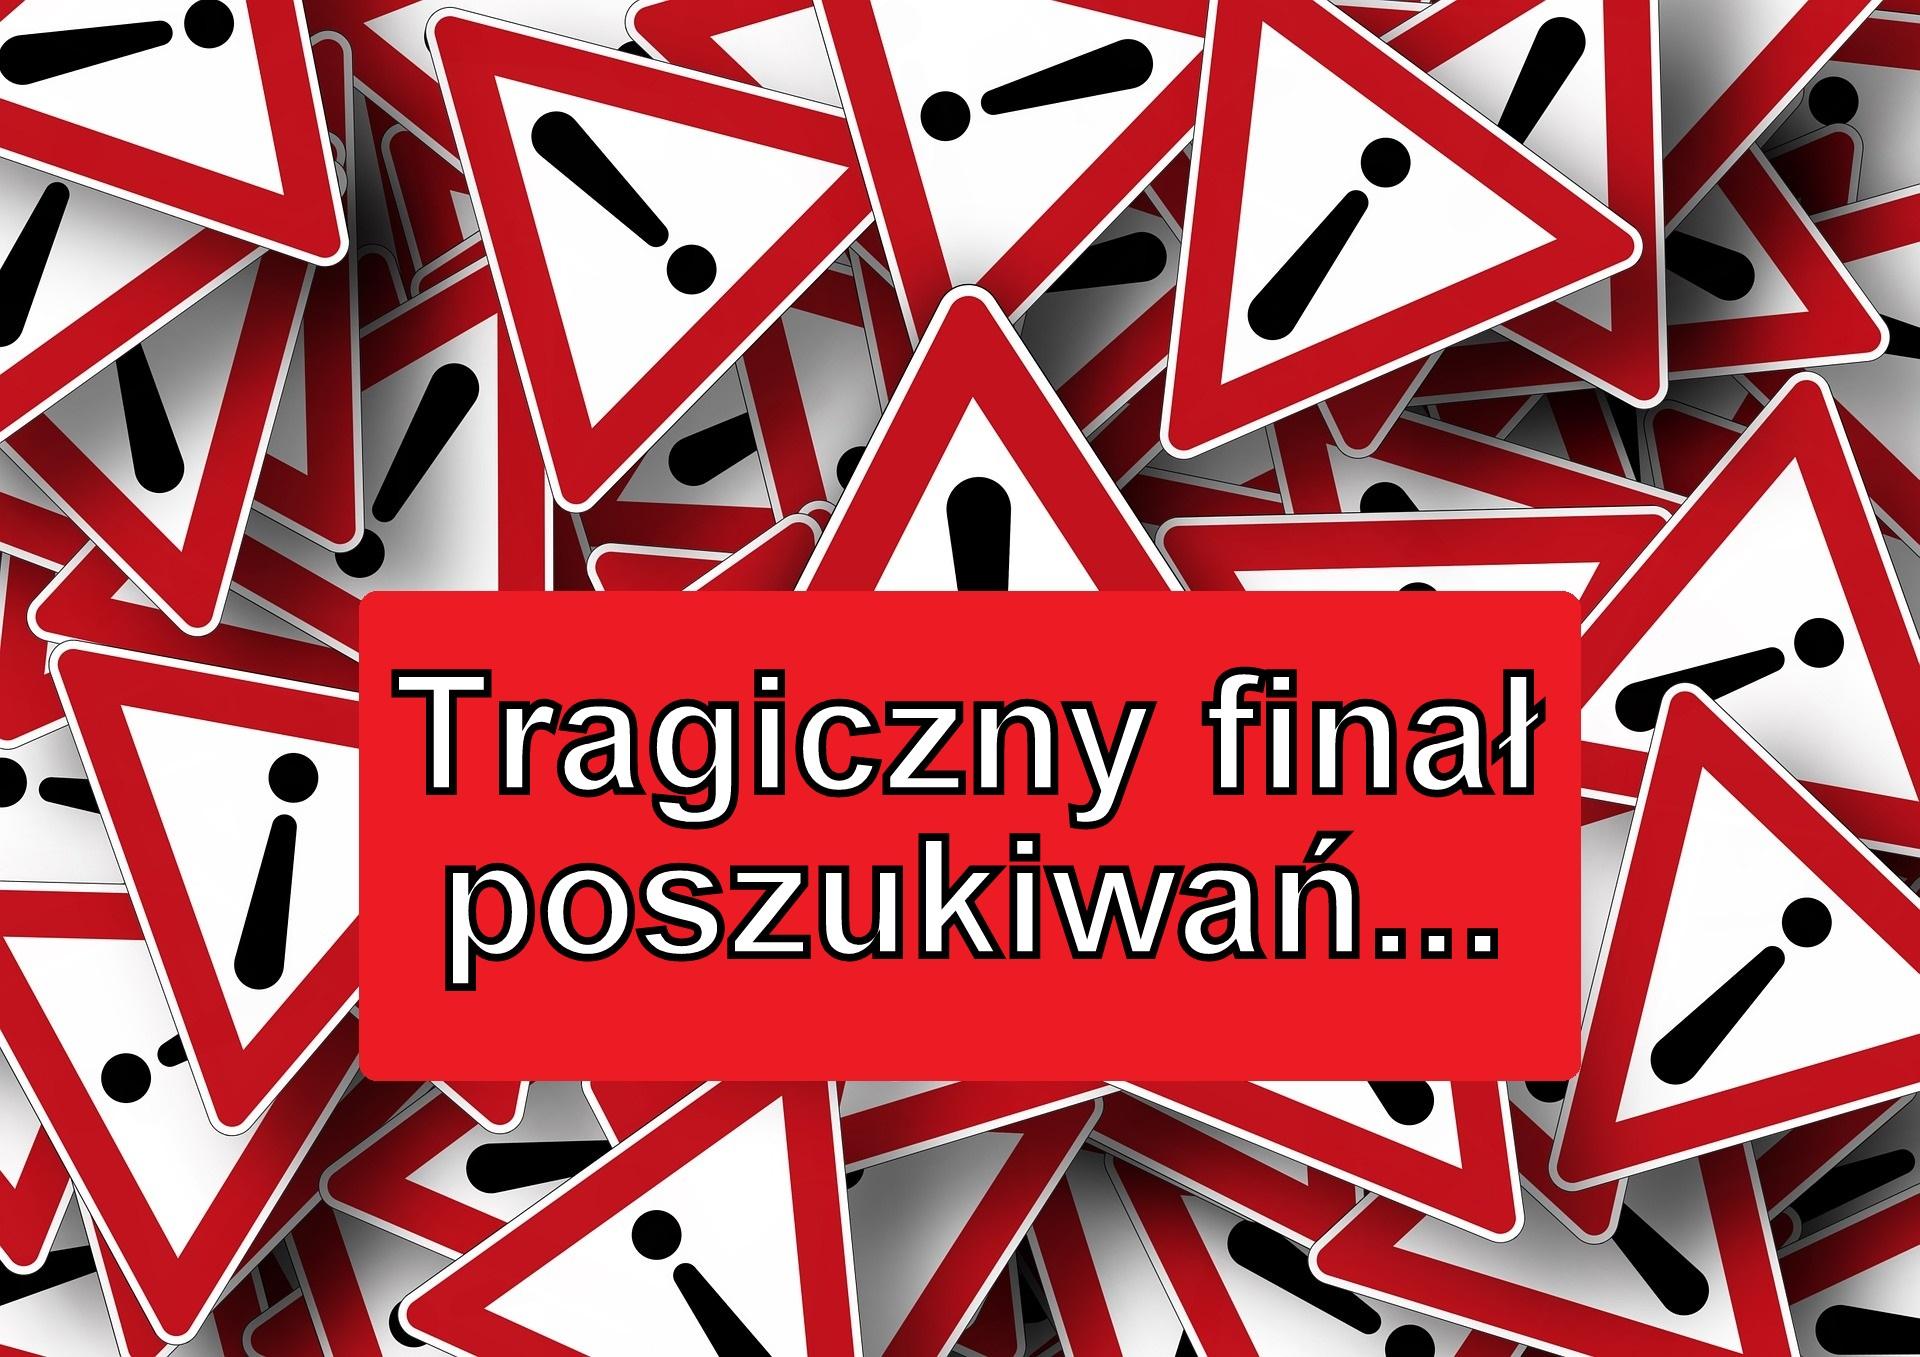 Tragiczny finał poszukiwań mieszkańca Pstrągowej - Zdjęcie główne